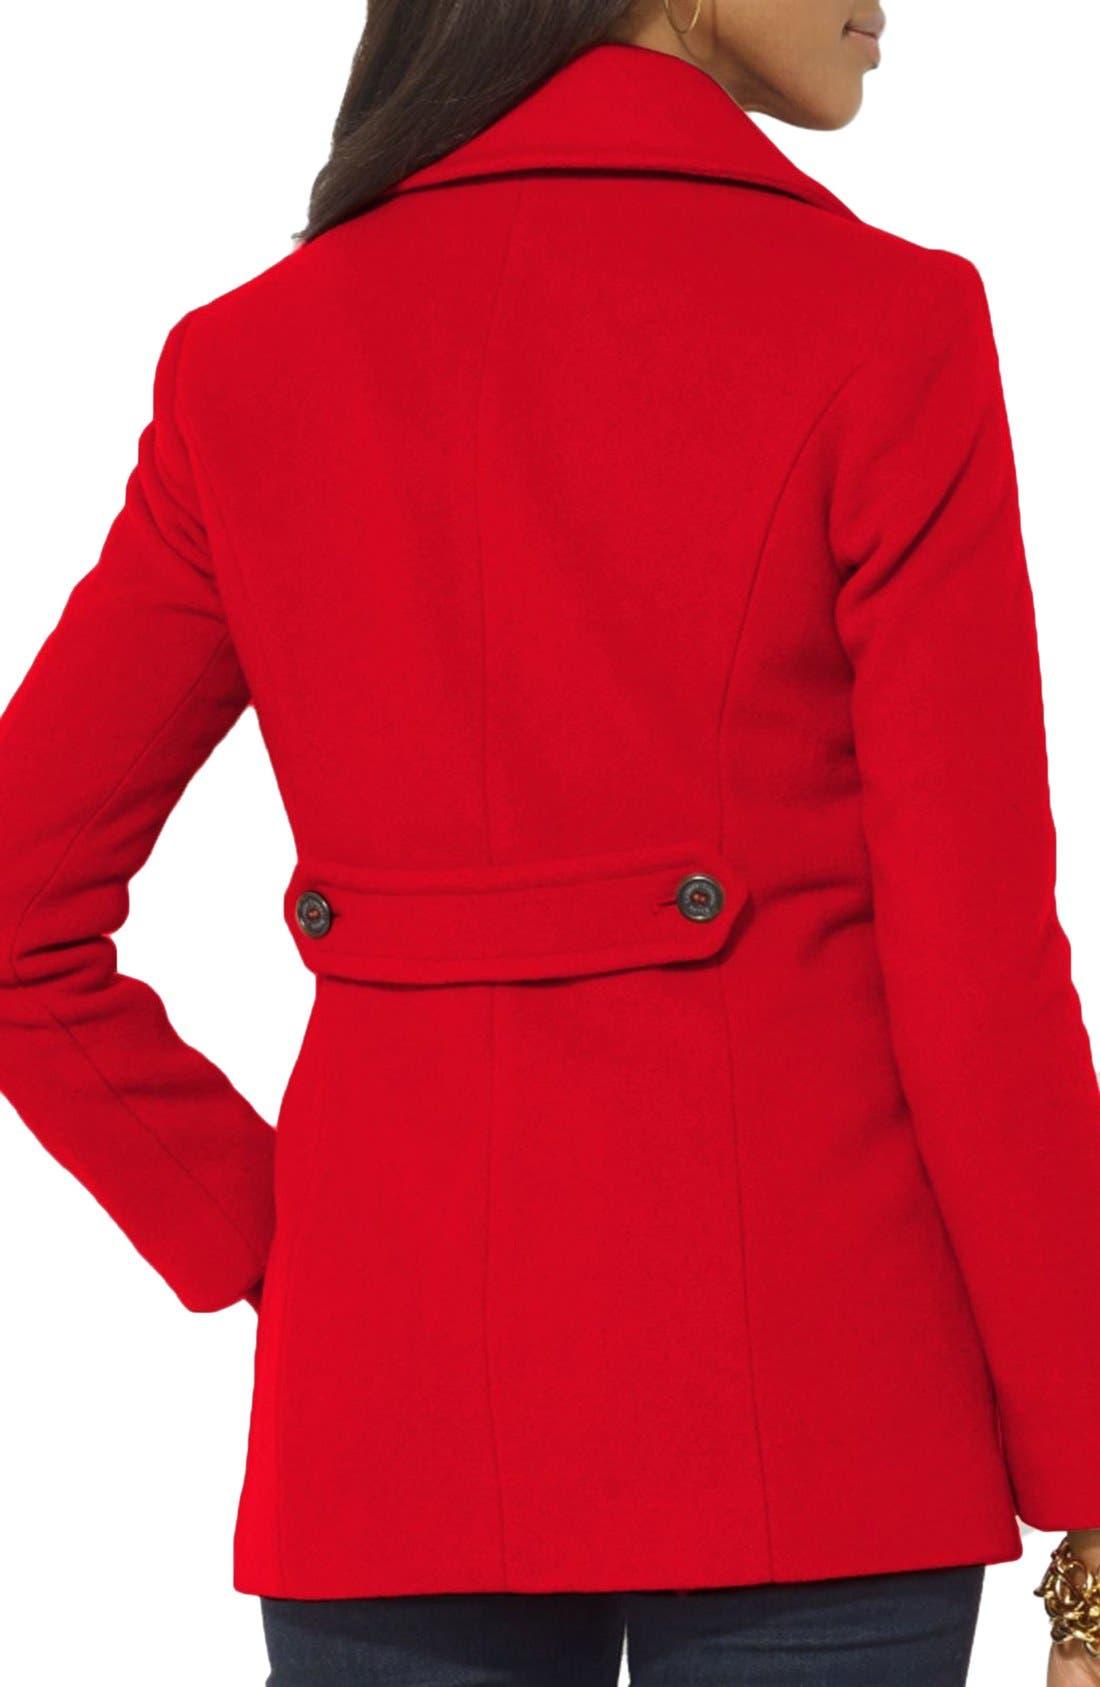 Alternate Image 2  - Lauren Ralph Lauren Double Breasted Wool Blend Peacoat